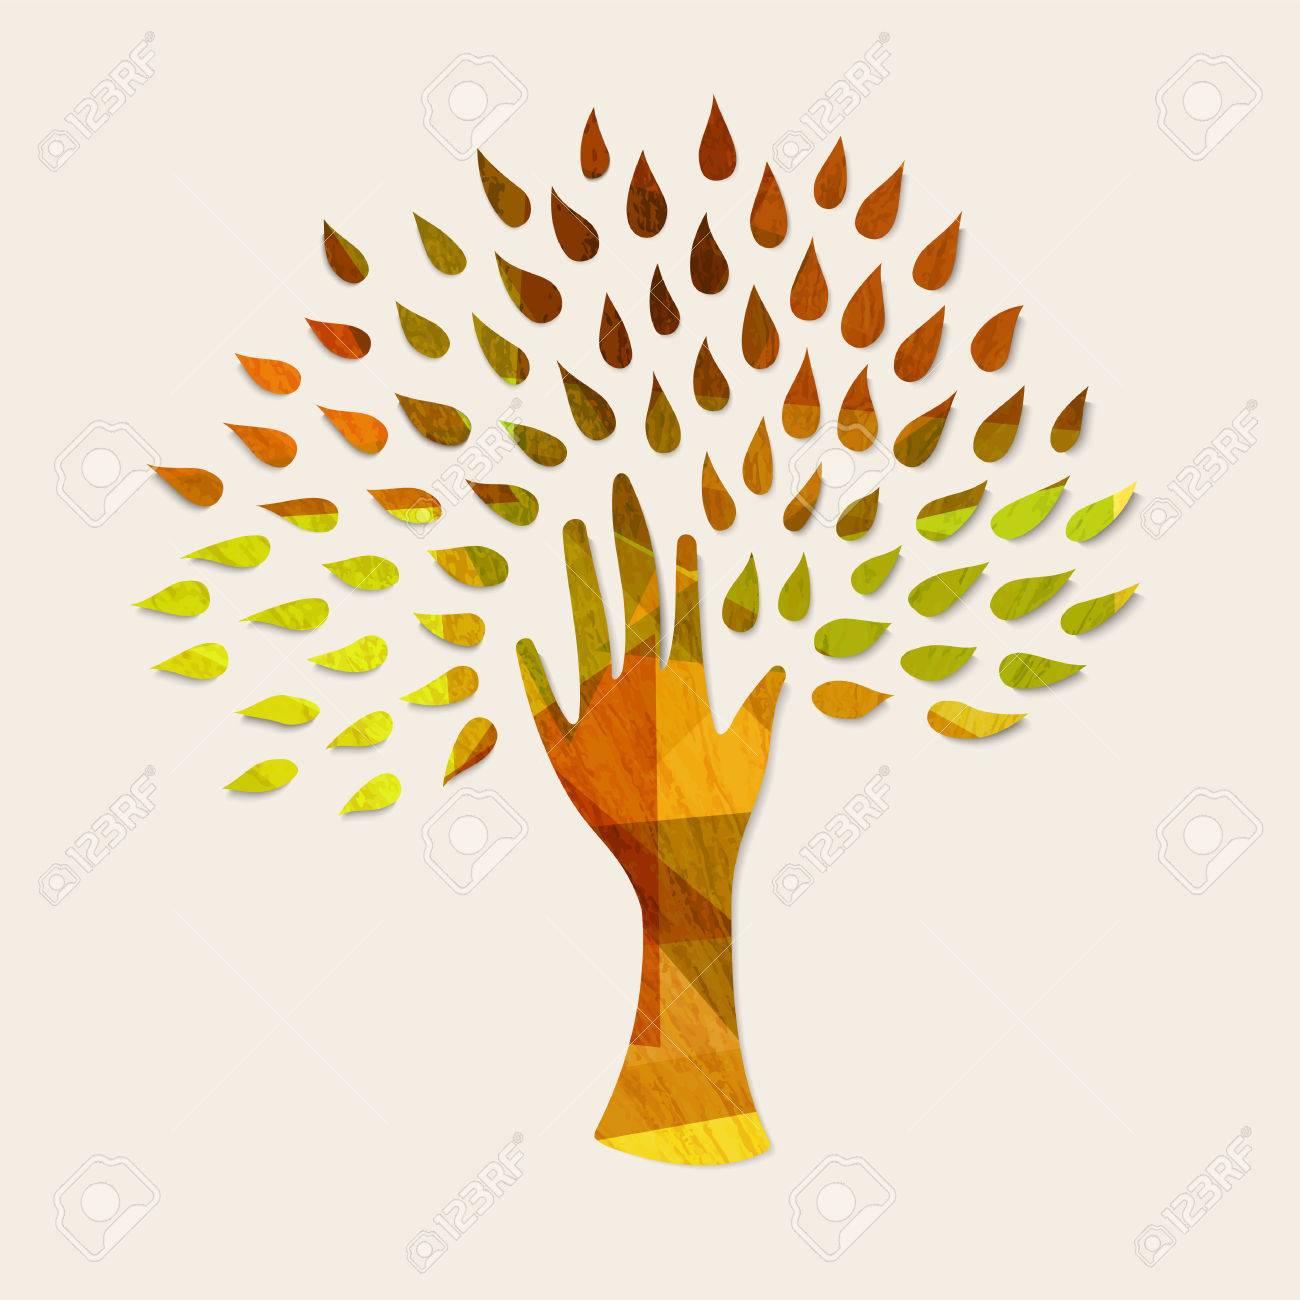 Hand Baum Kunst Mit Holz Textur Und Herbst Blatter Konzept